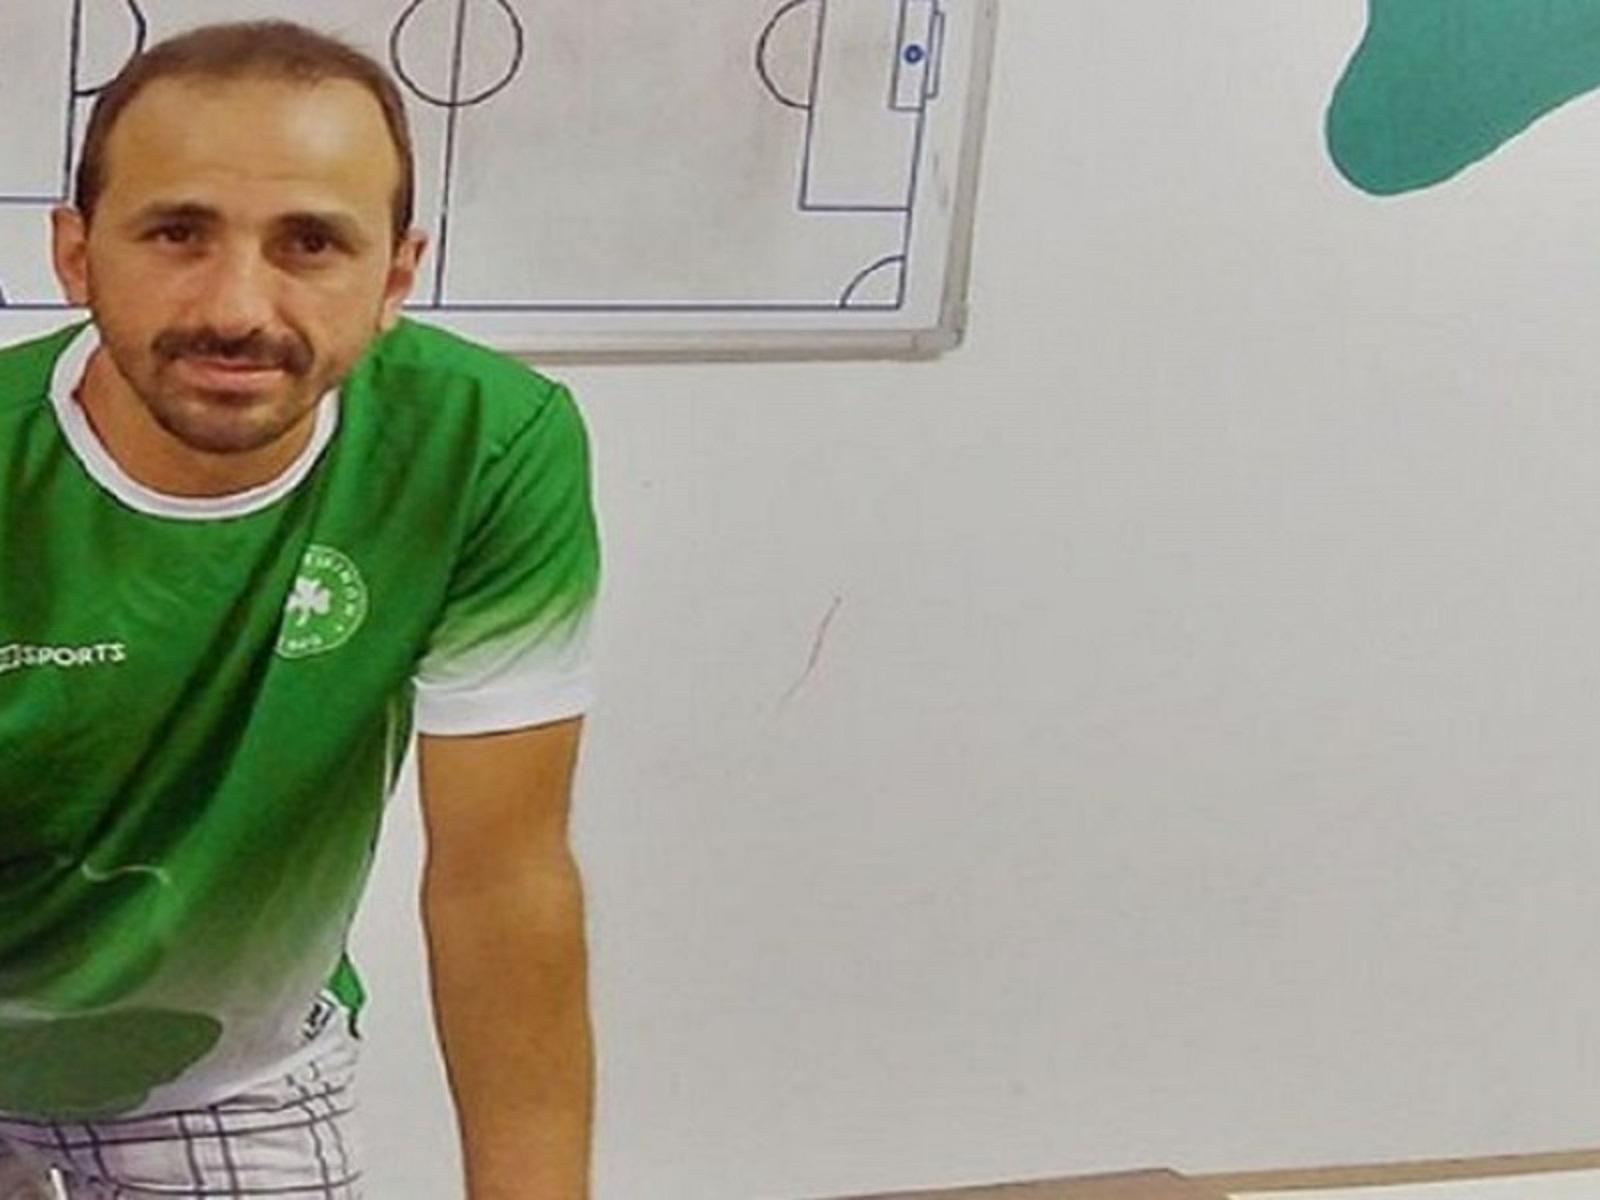 Στο πένθος η Νέα Αλικαρνασσός για τον θάνατο του ποδοσφαιριστή